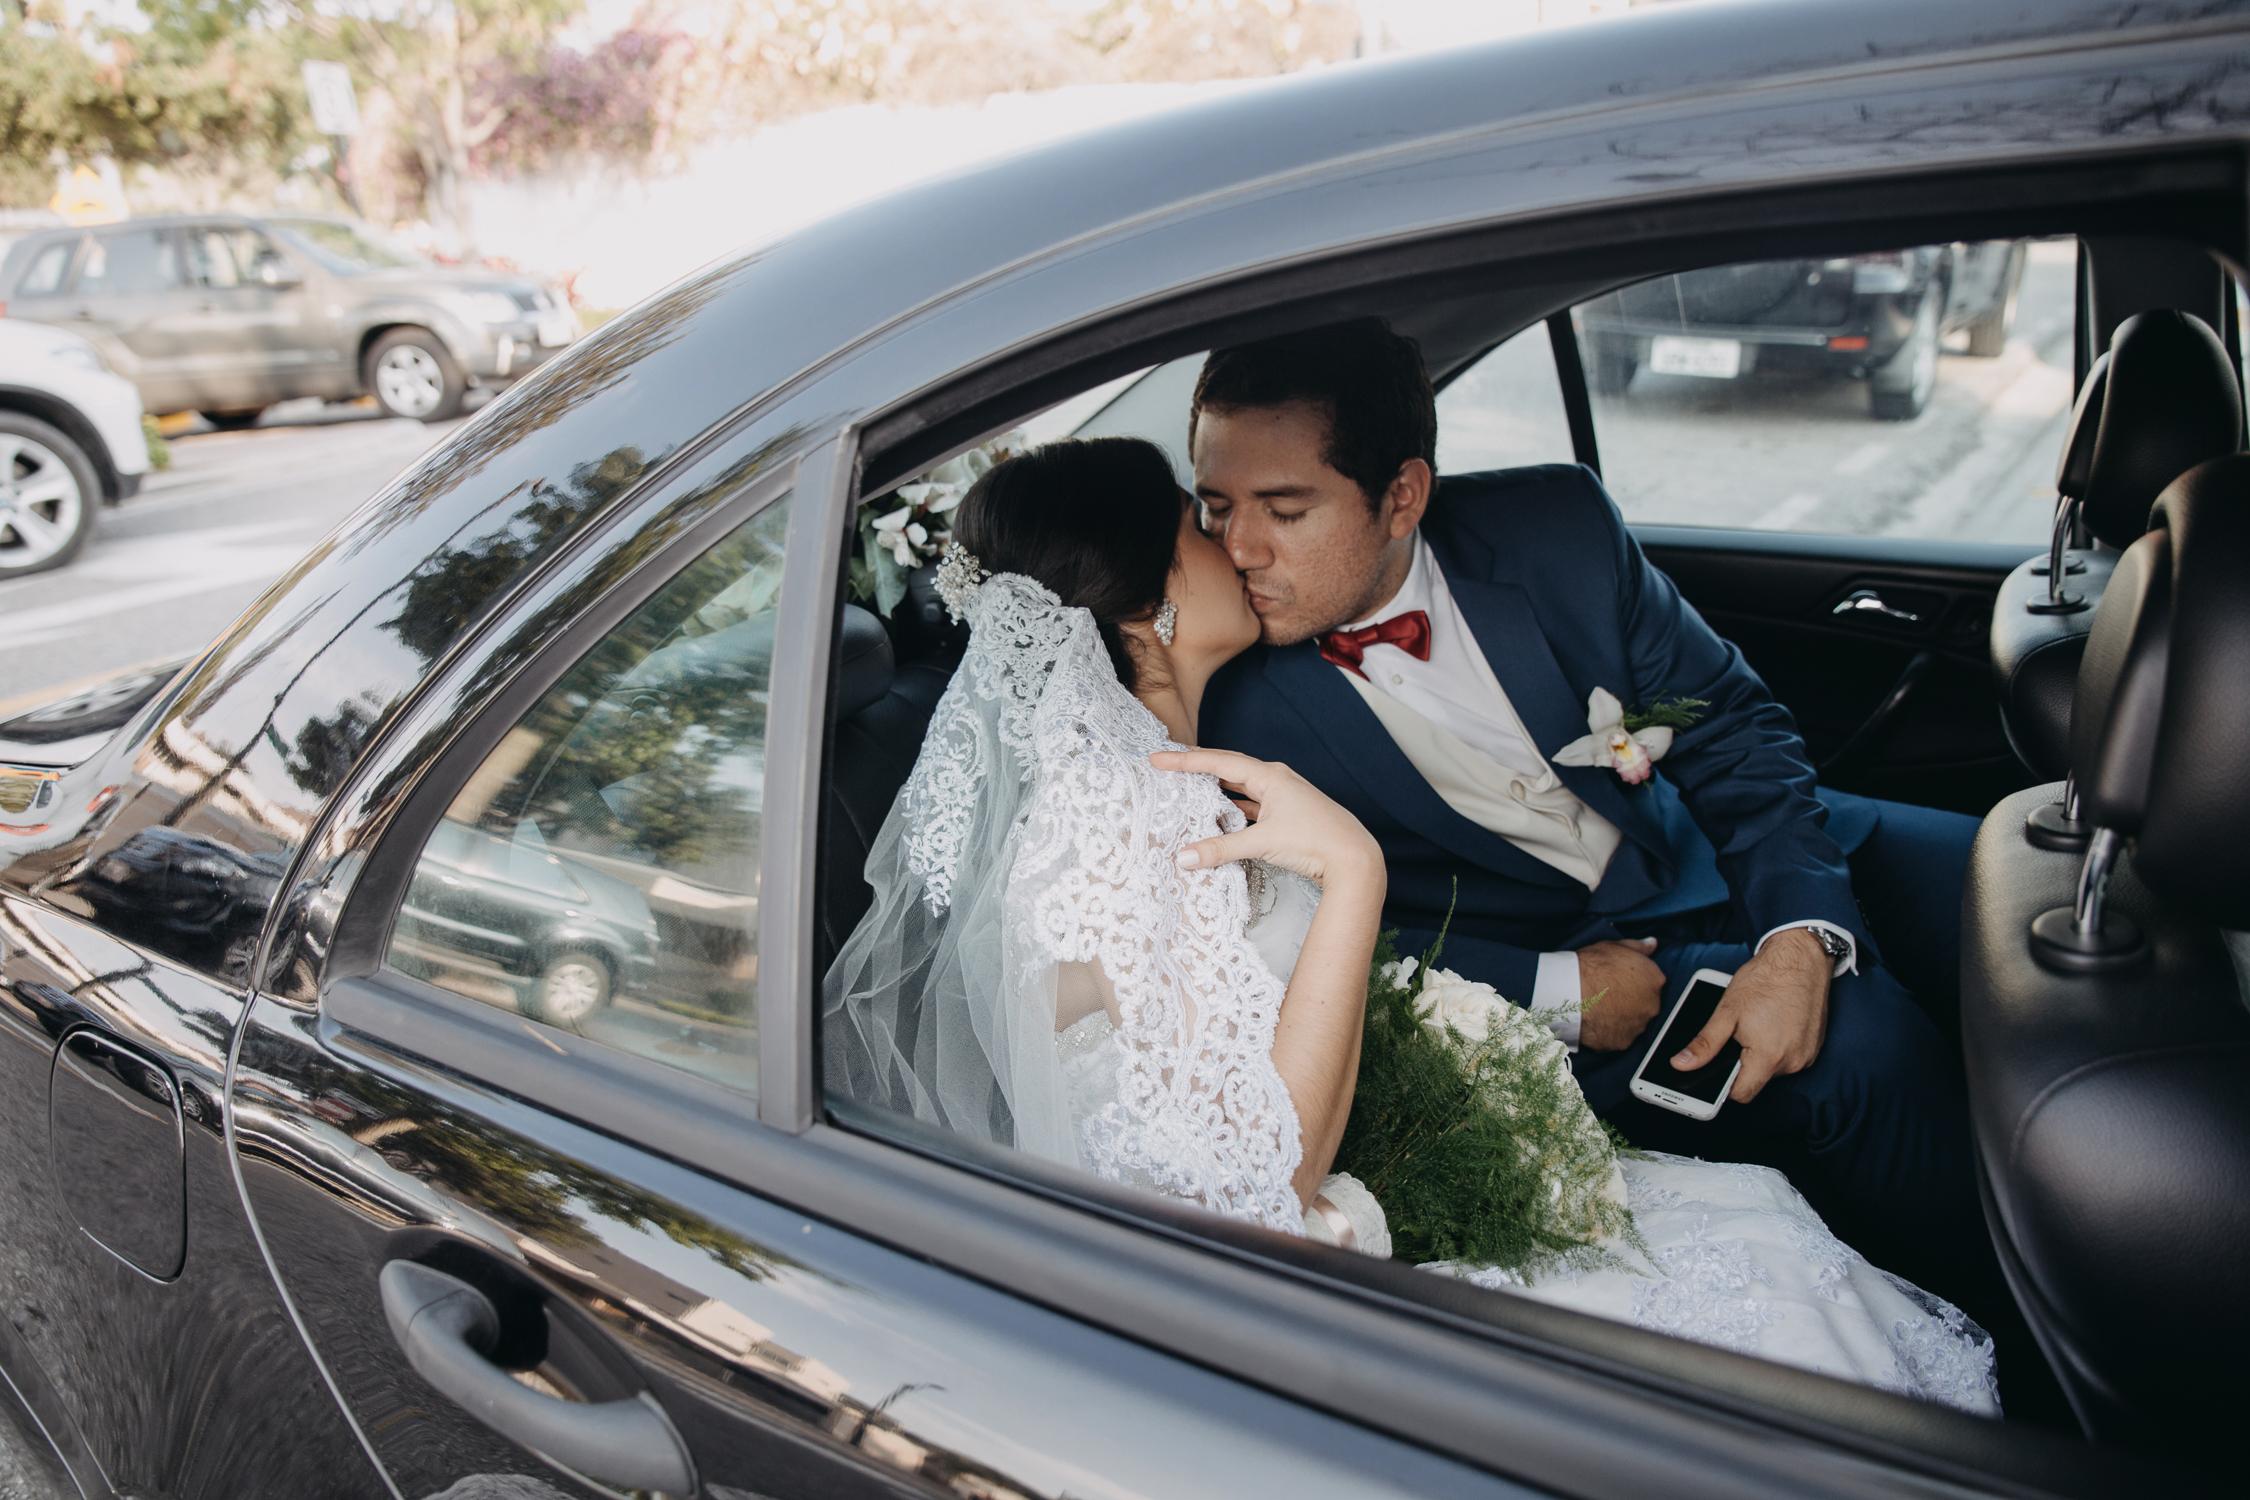 Michelle-Agurto-Fotografia-Bodas-Ecuador-Destination-Wedding-Photographer-Cristi-Luis-69.JPG